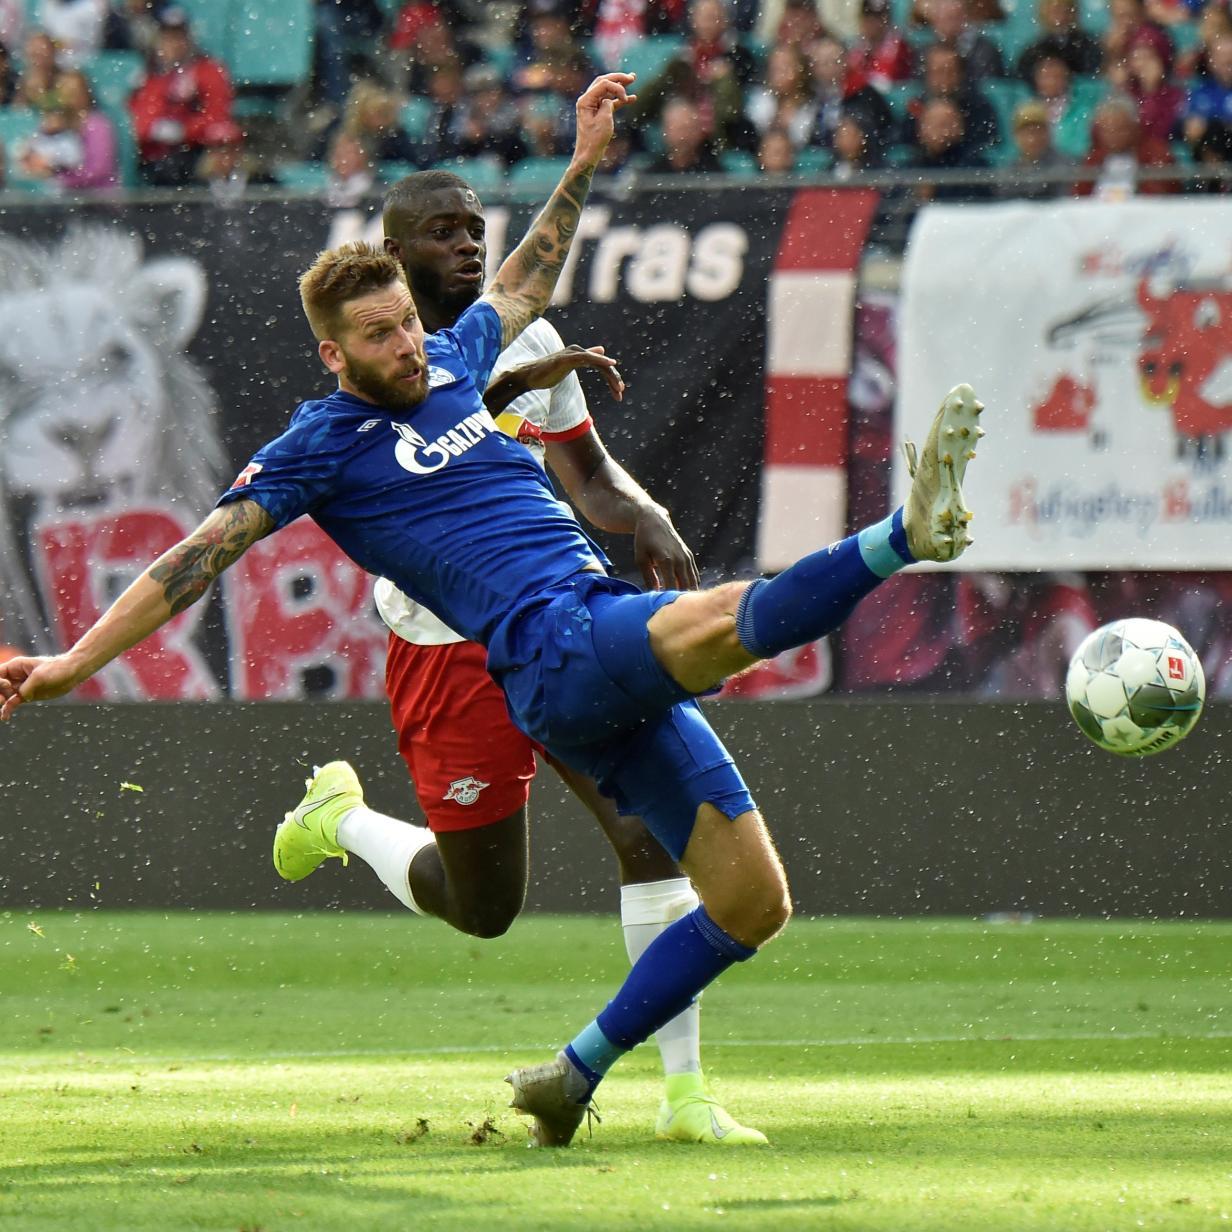 Ein Österreicher ist im Sprint die deutsche Fußball-Nummer 1